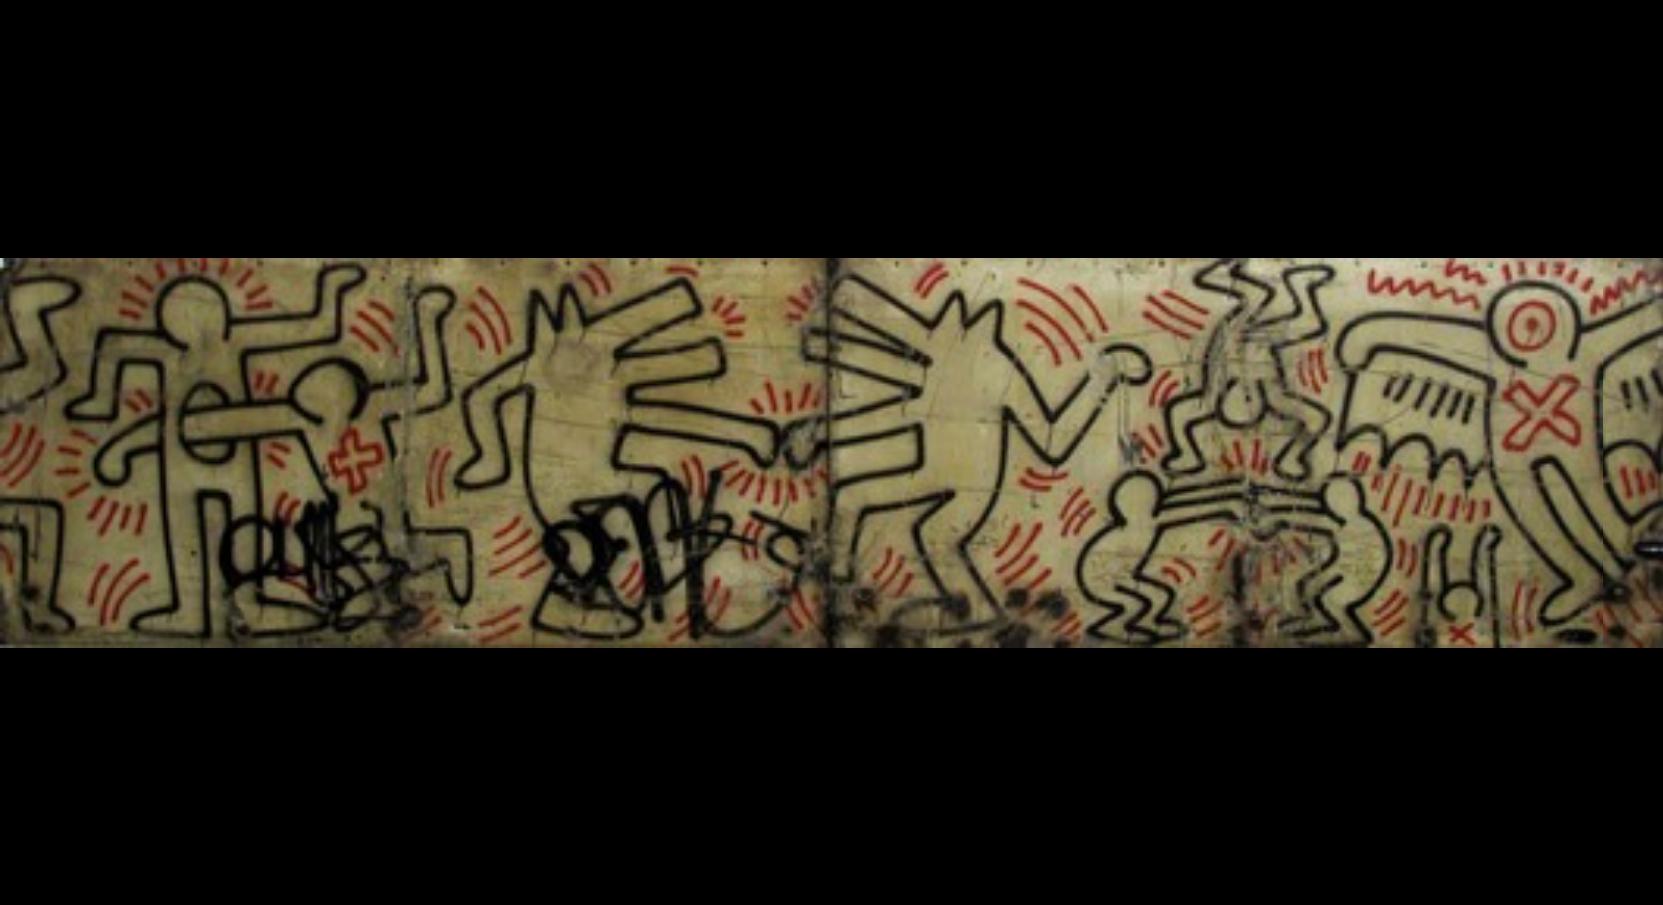 keith-haris-desenho-nova-york-anos-80-aids-dionisio-arte (8)